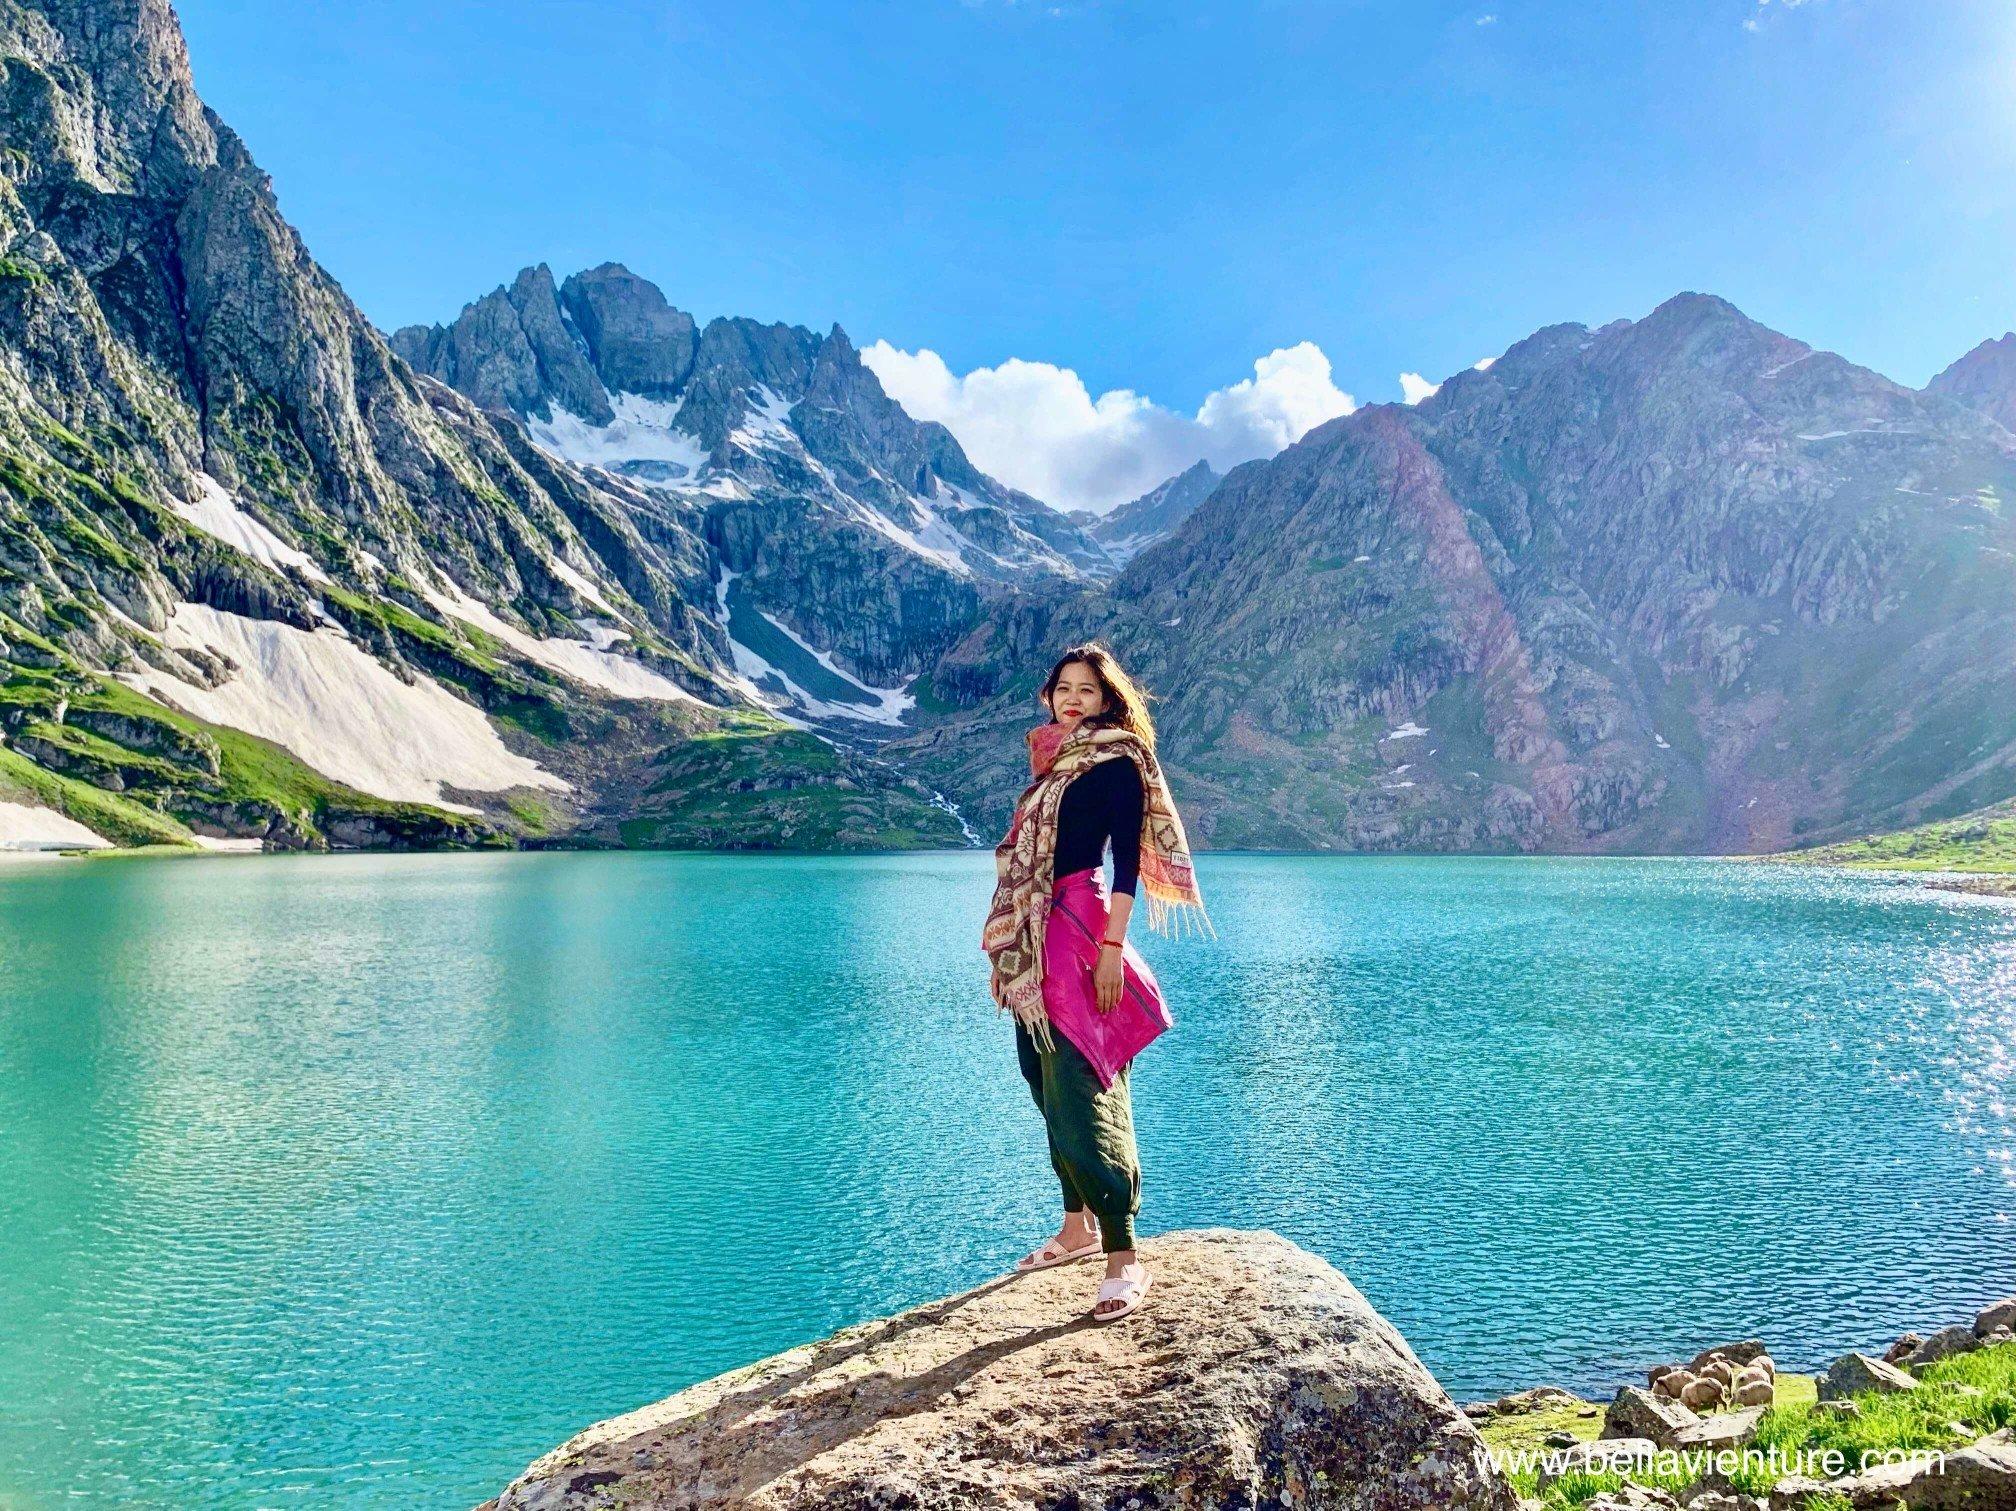 印度 India 北北印 North India 喀什米爾  Kashmir 八天七夜 健行 Nichnai Valley 超藍聖湖與我